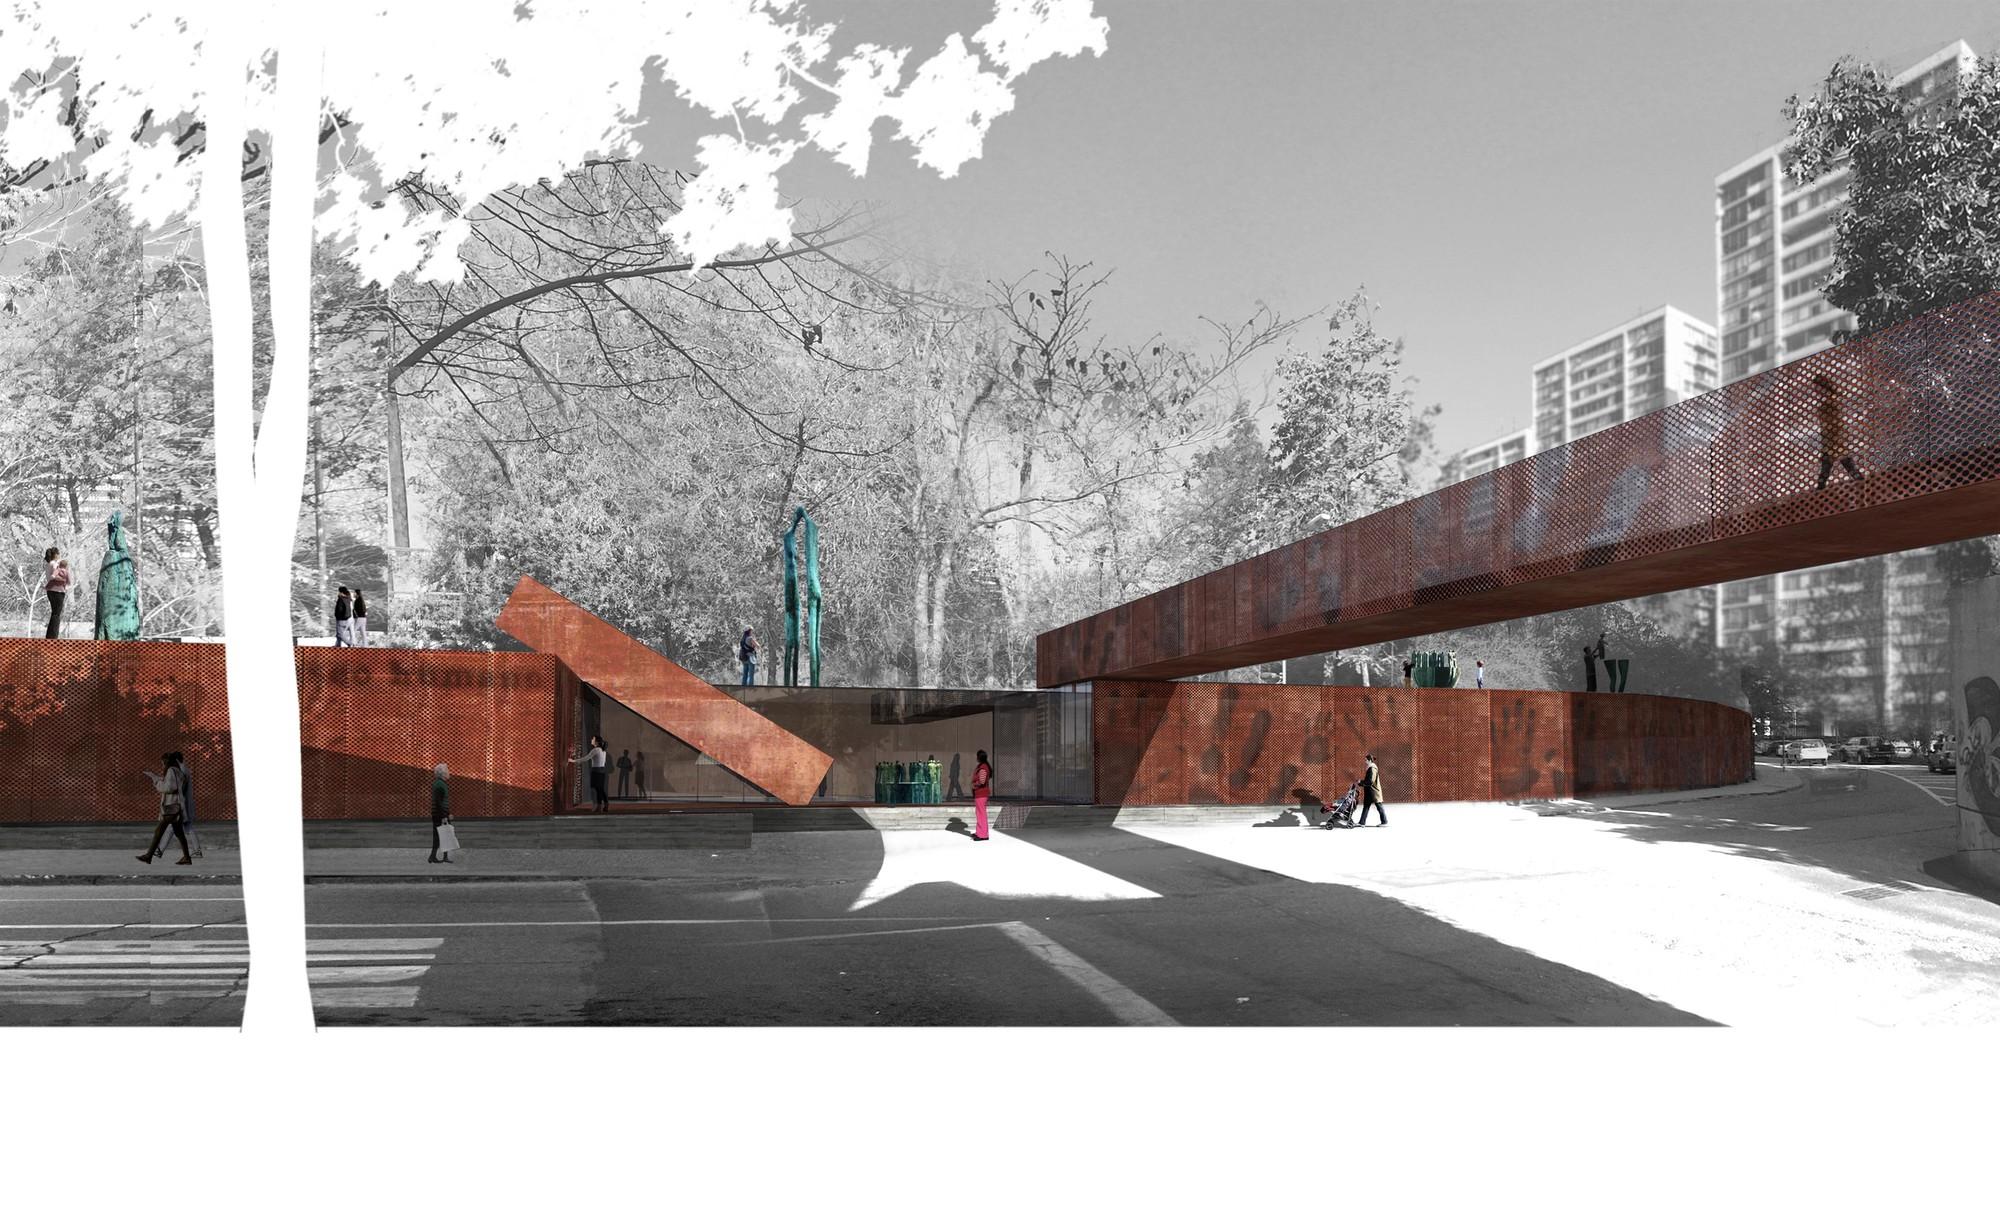 ELEMENTAL, finalista en concurso Nuevo Parque Museo Humano San Borja / Santiago, Acceso. Image Courtesy of ELEMENTAL